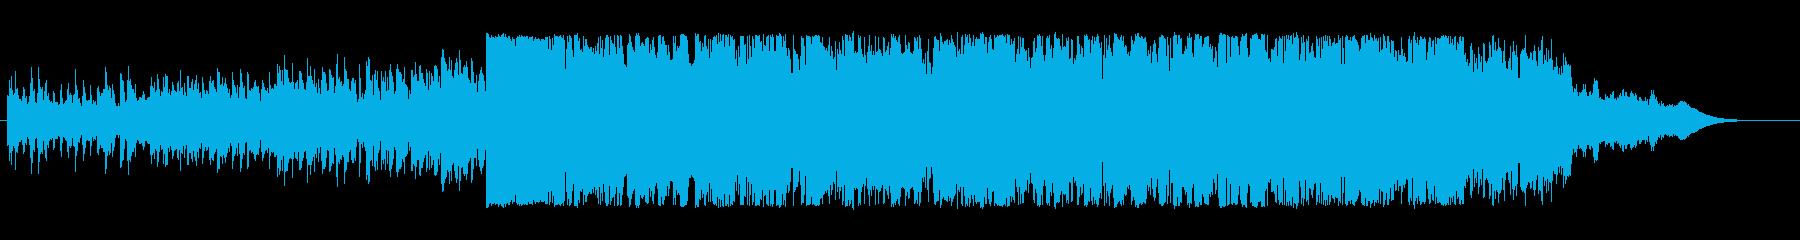 インテリ系スタイリッシュ近未来テクノCMの再生済みの波形